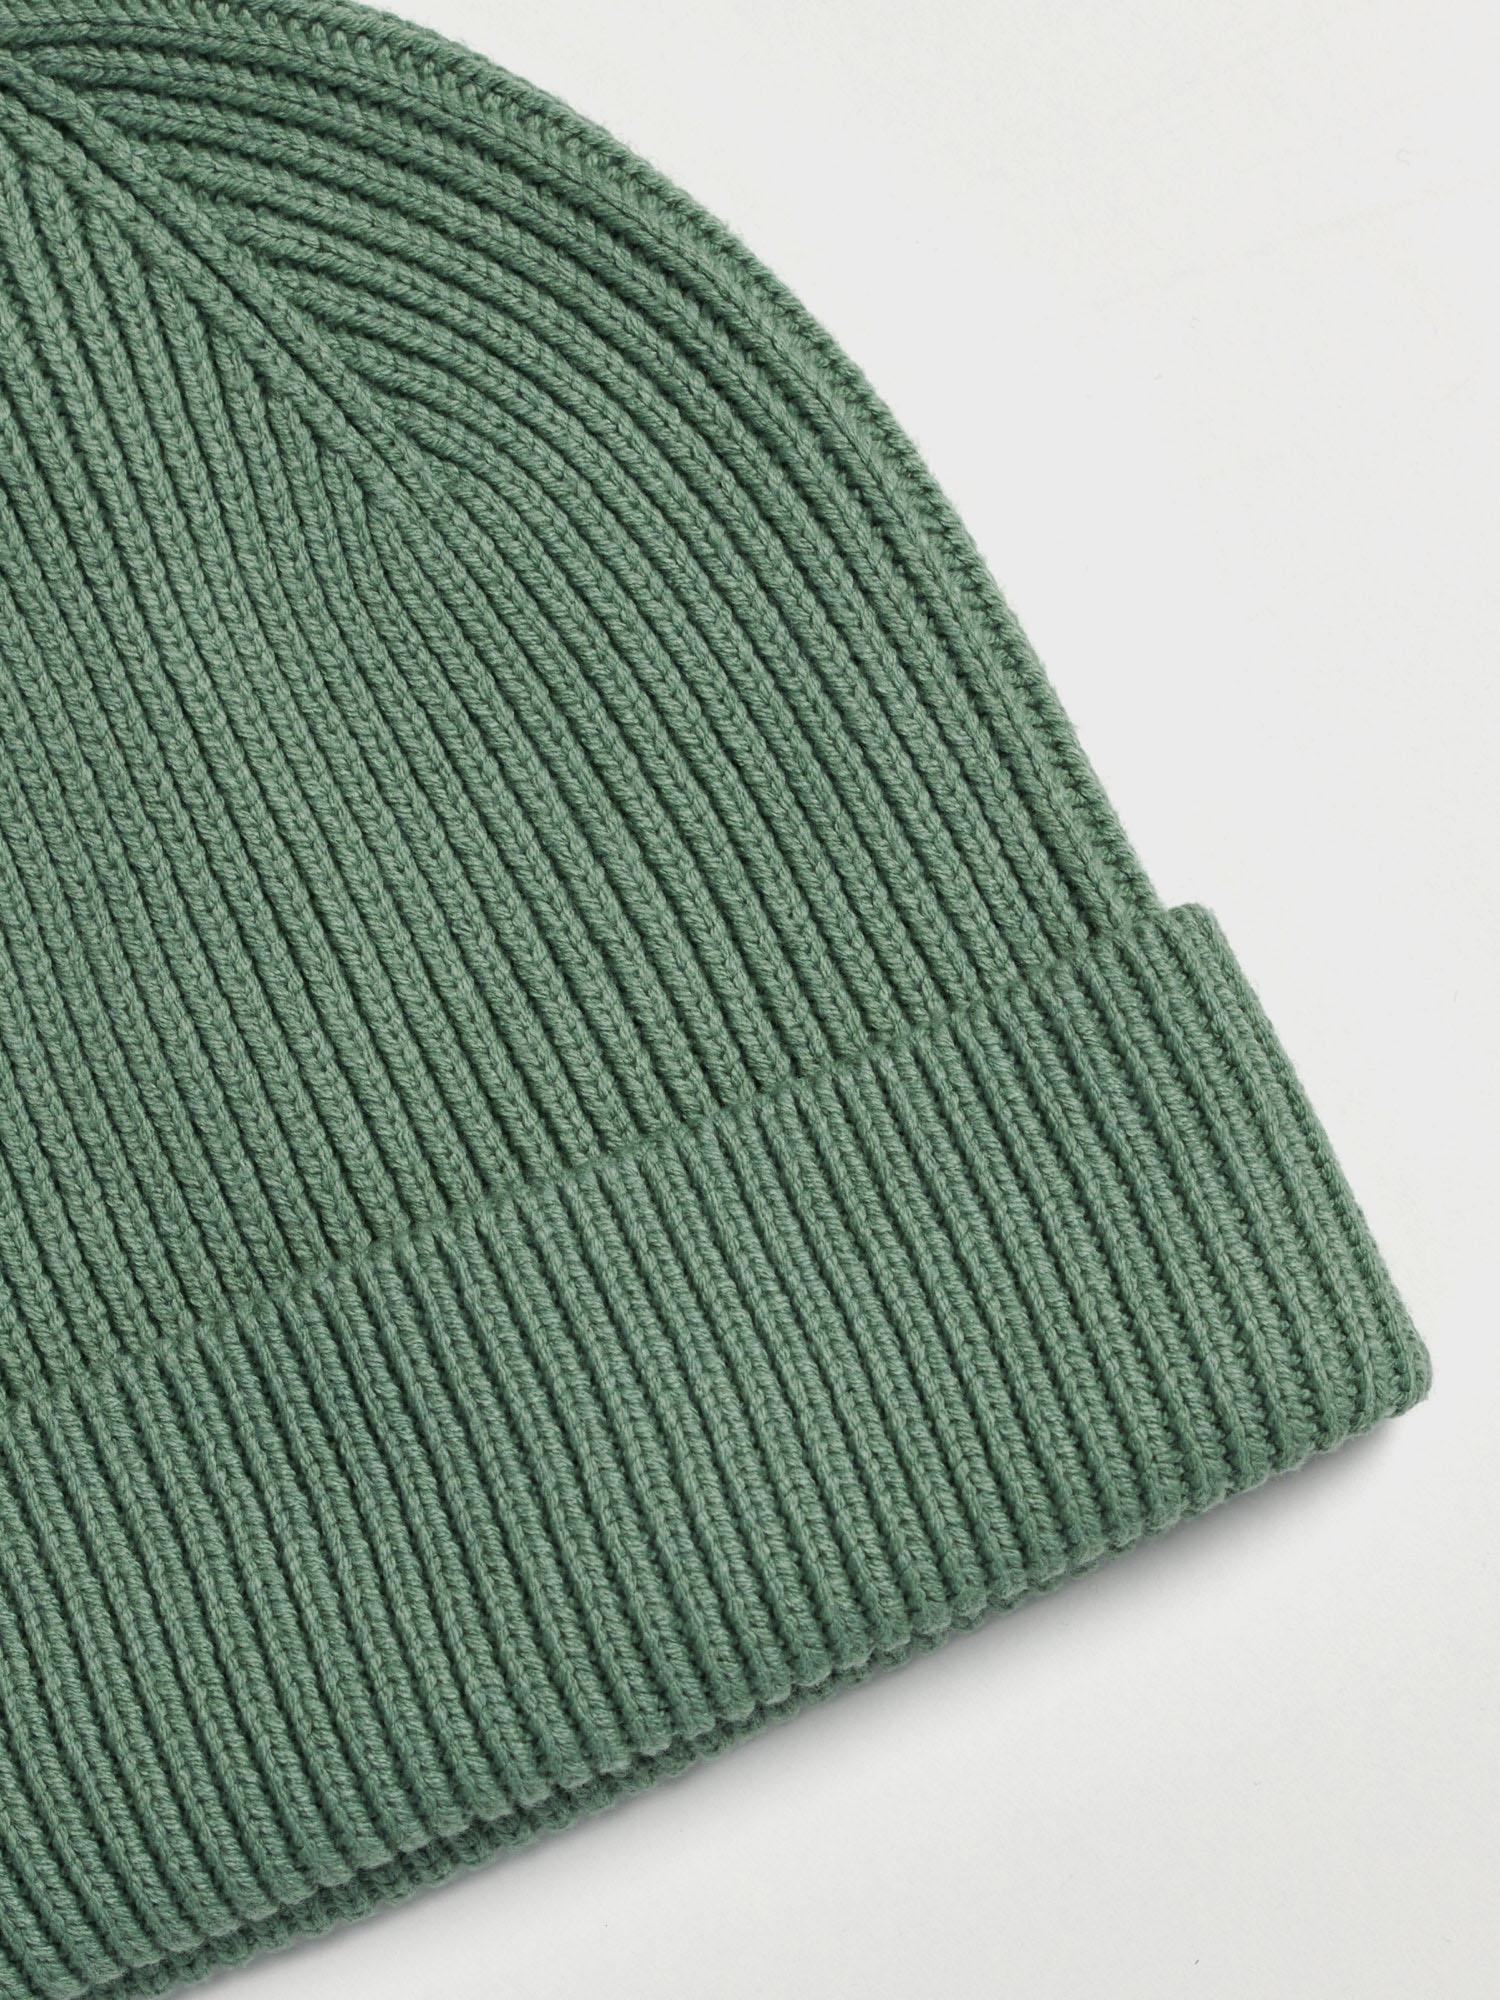 Doplňky - Dětská žebrovaná čepice Beanie Zelená